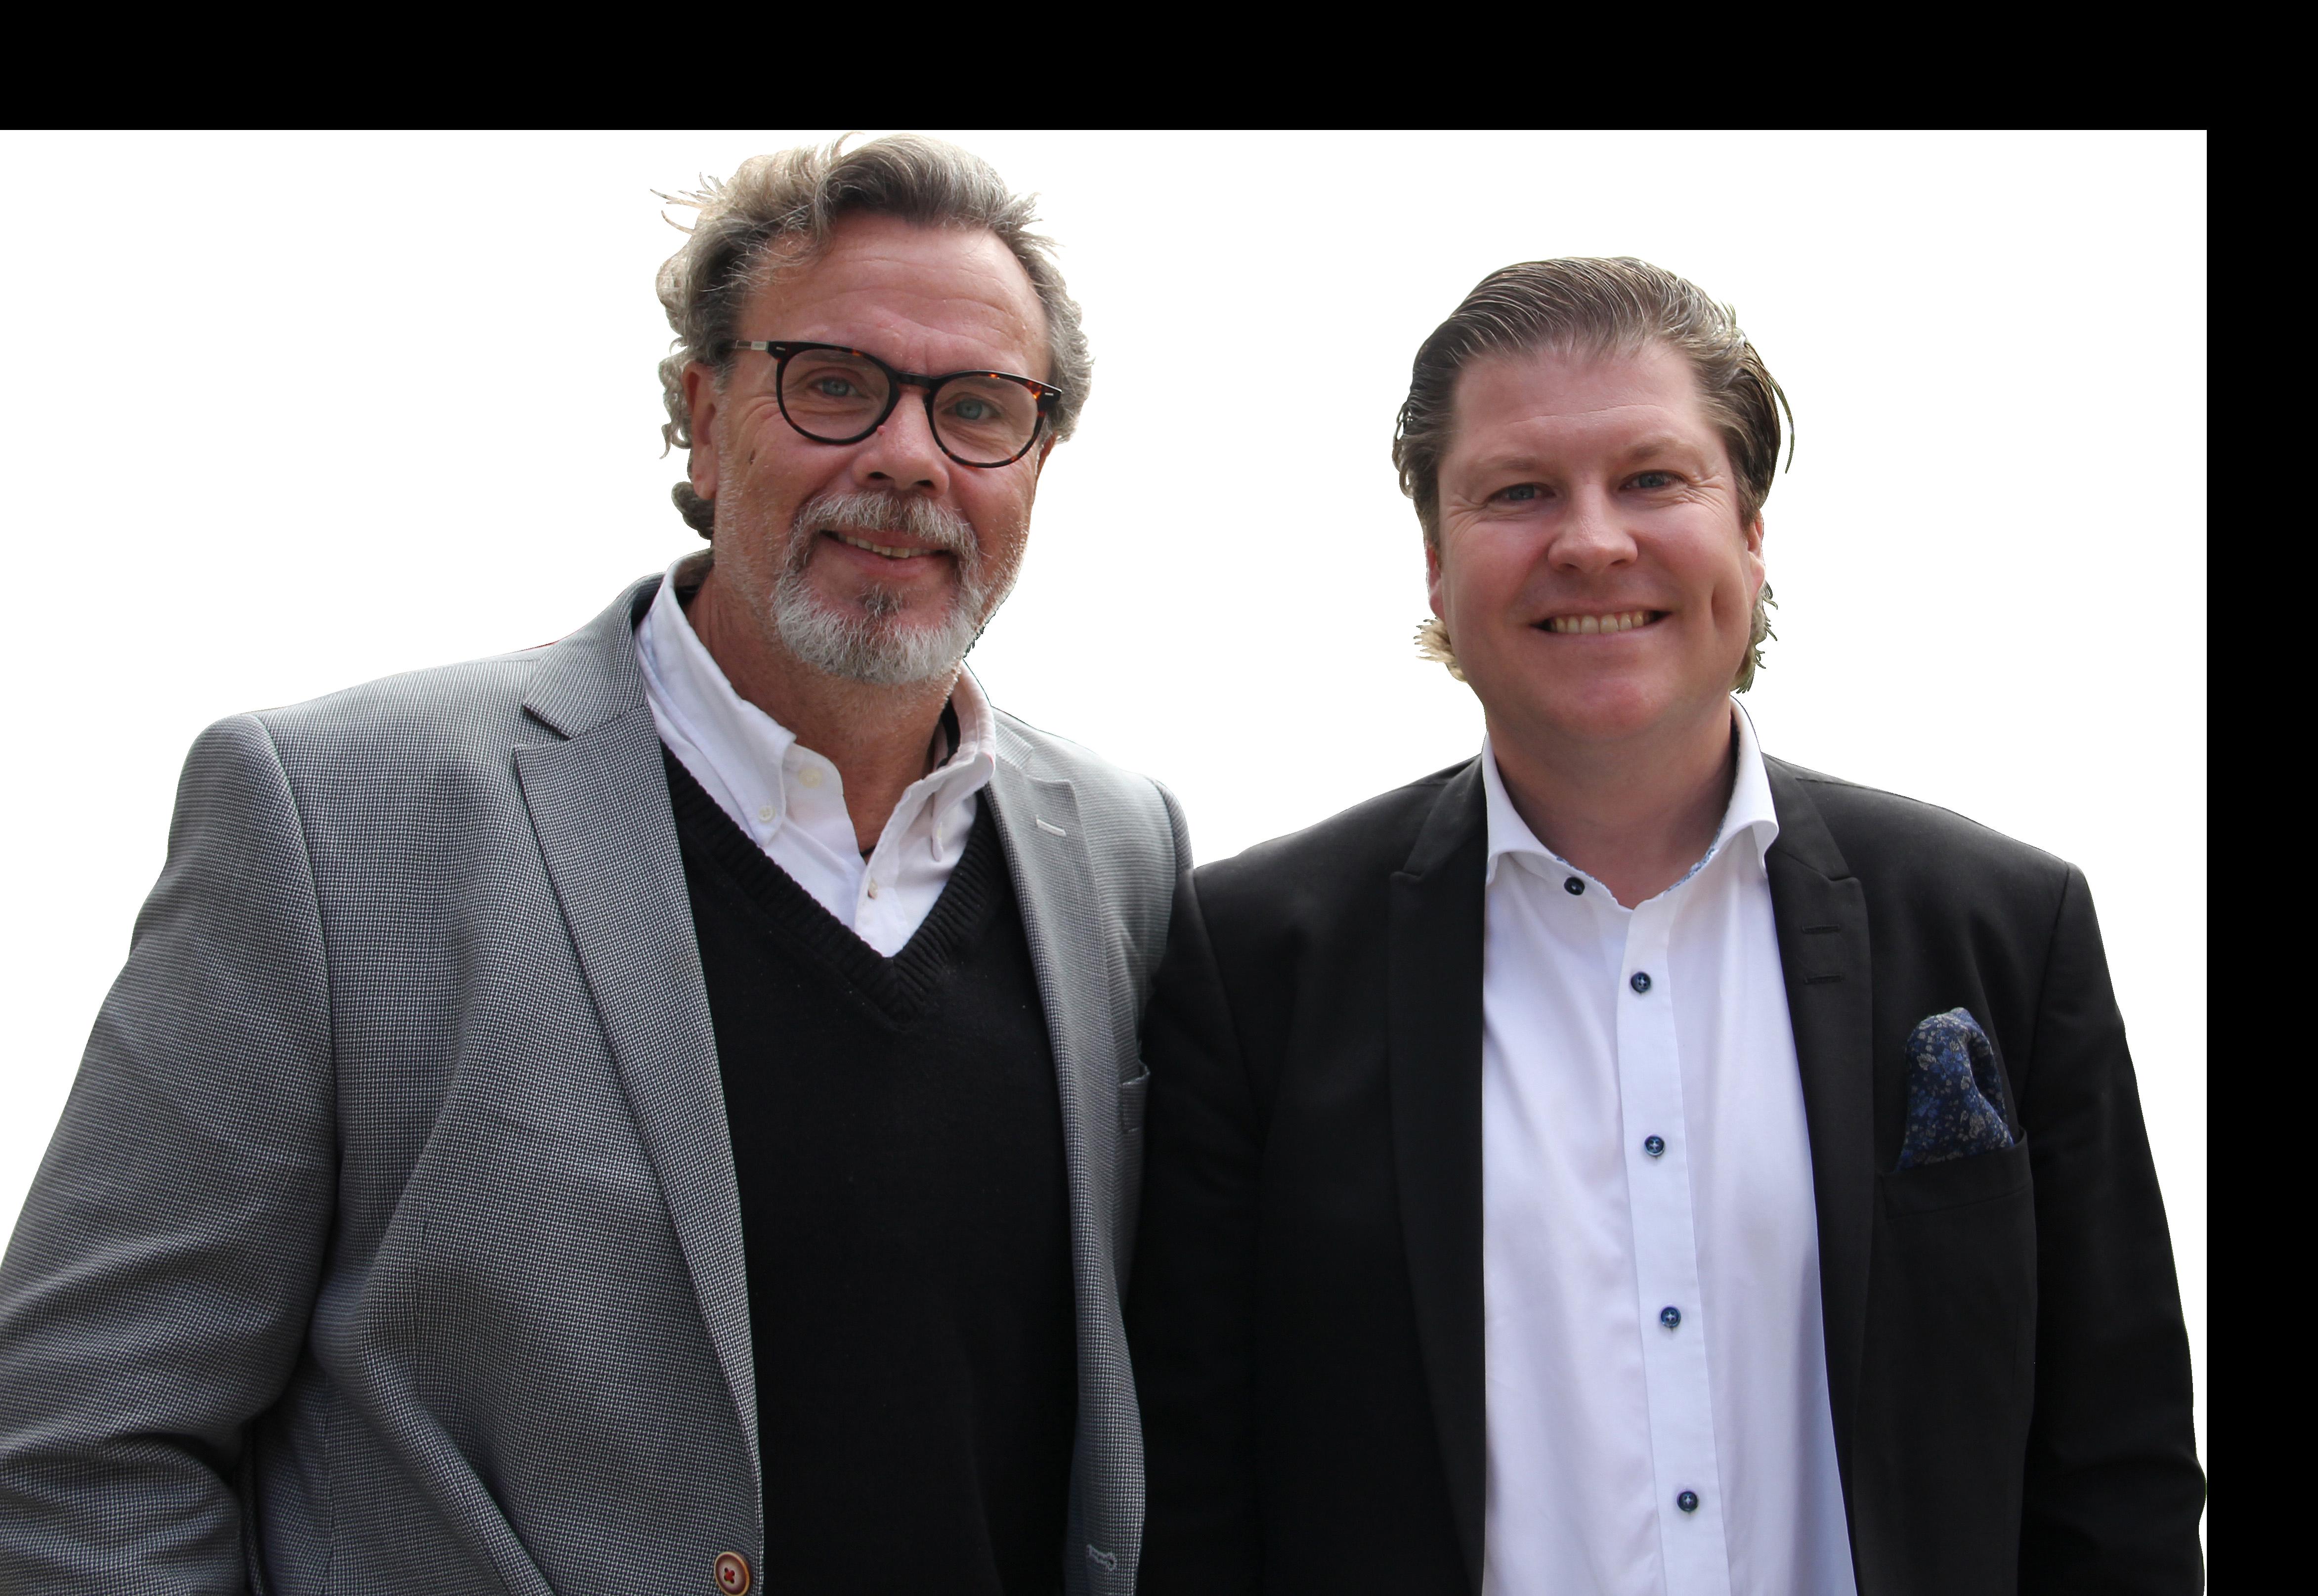 Rickard Ydrenäs och tullexperten Peter Jacobsson, Ecus samtalar om aktuella frågor i Tullpodden